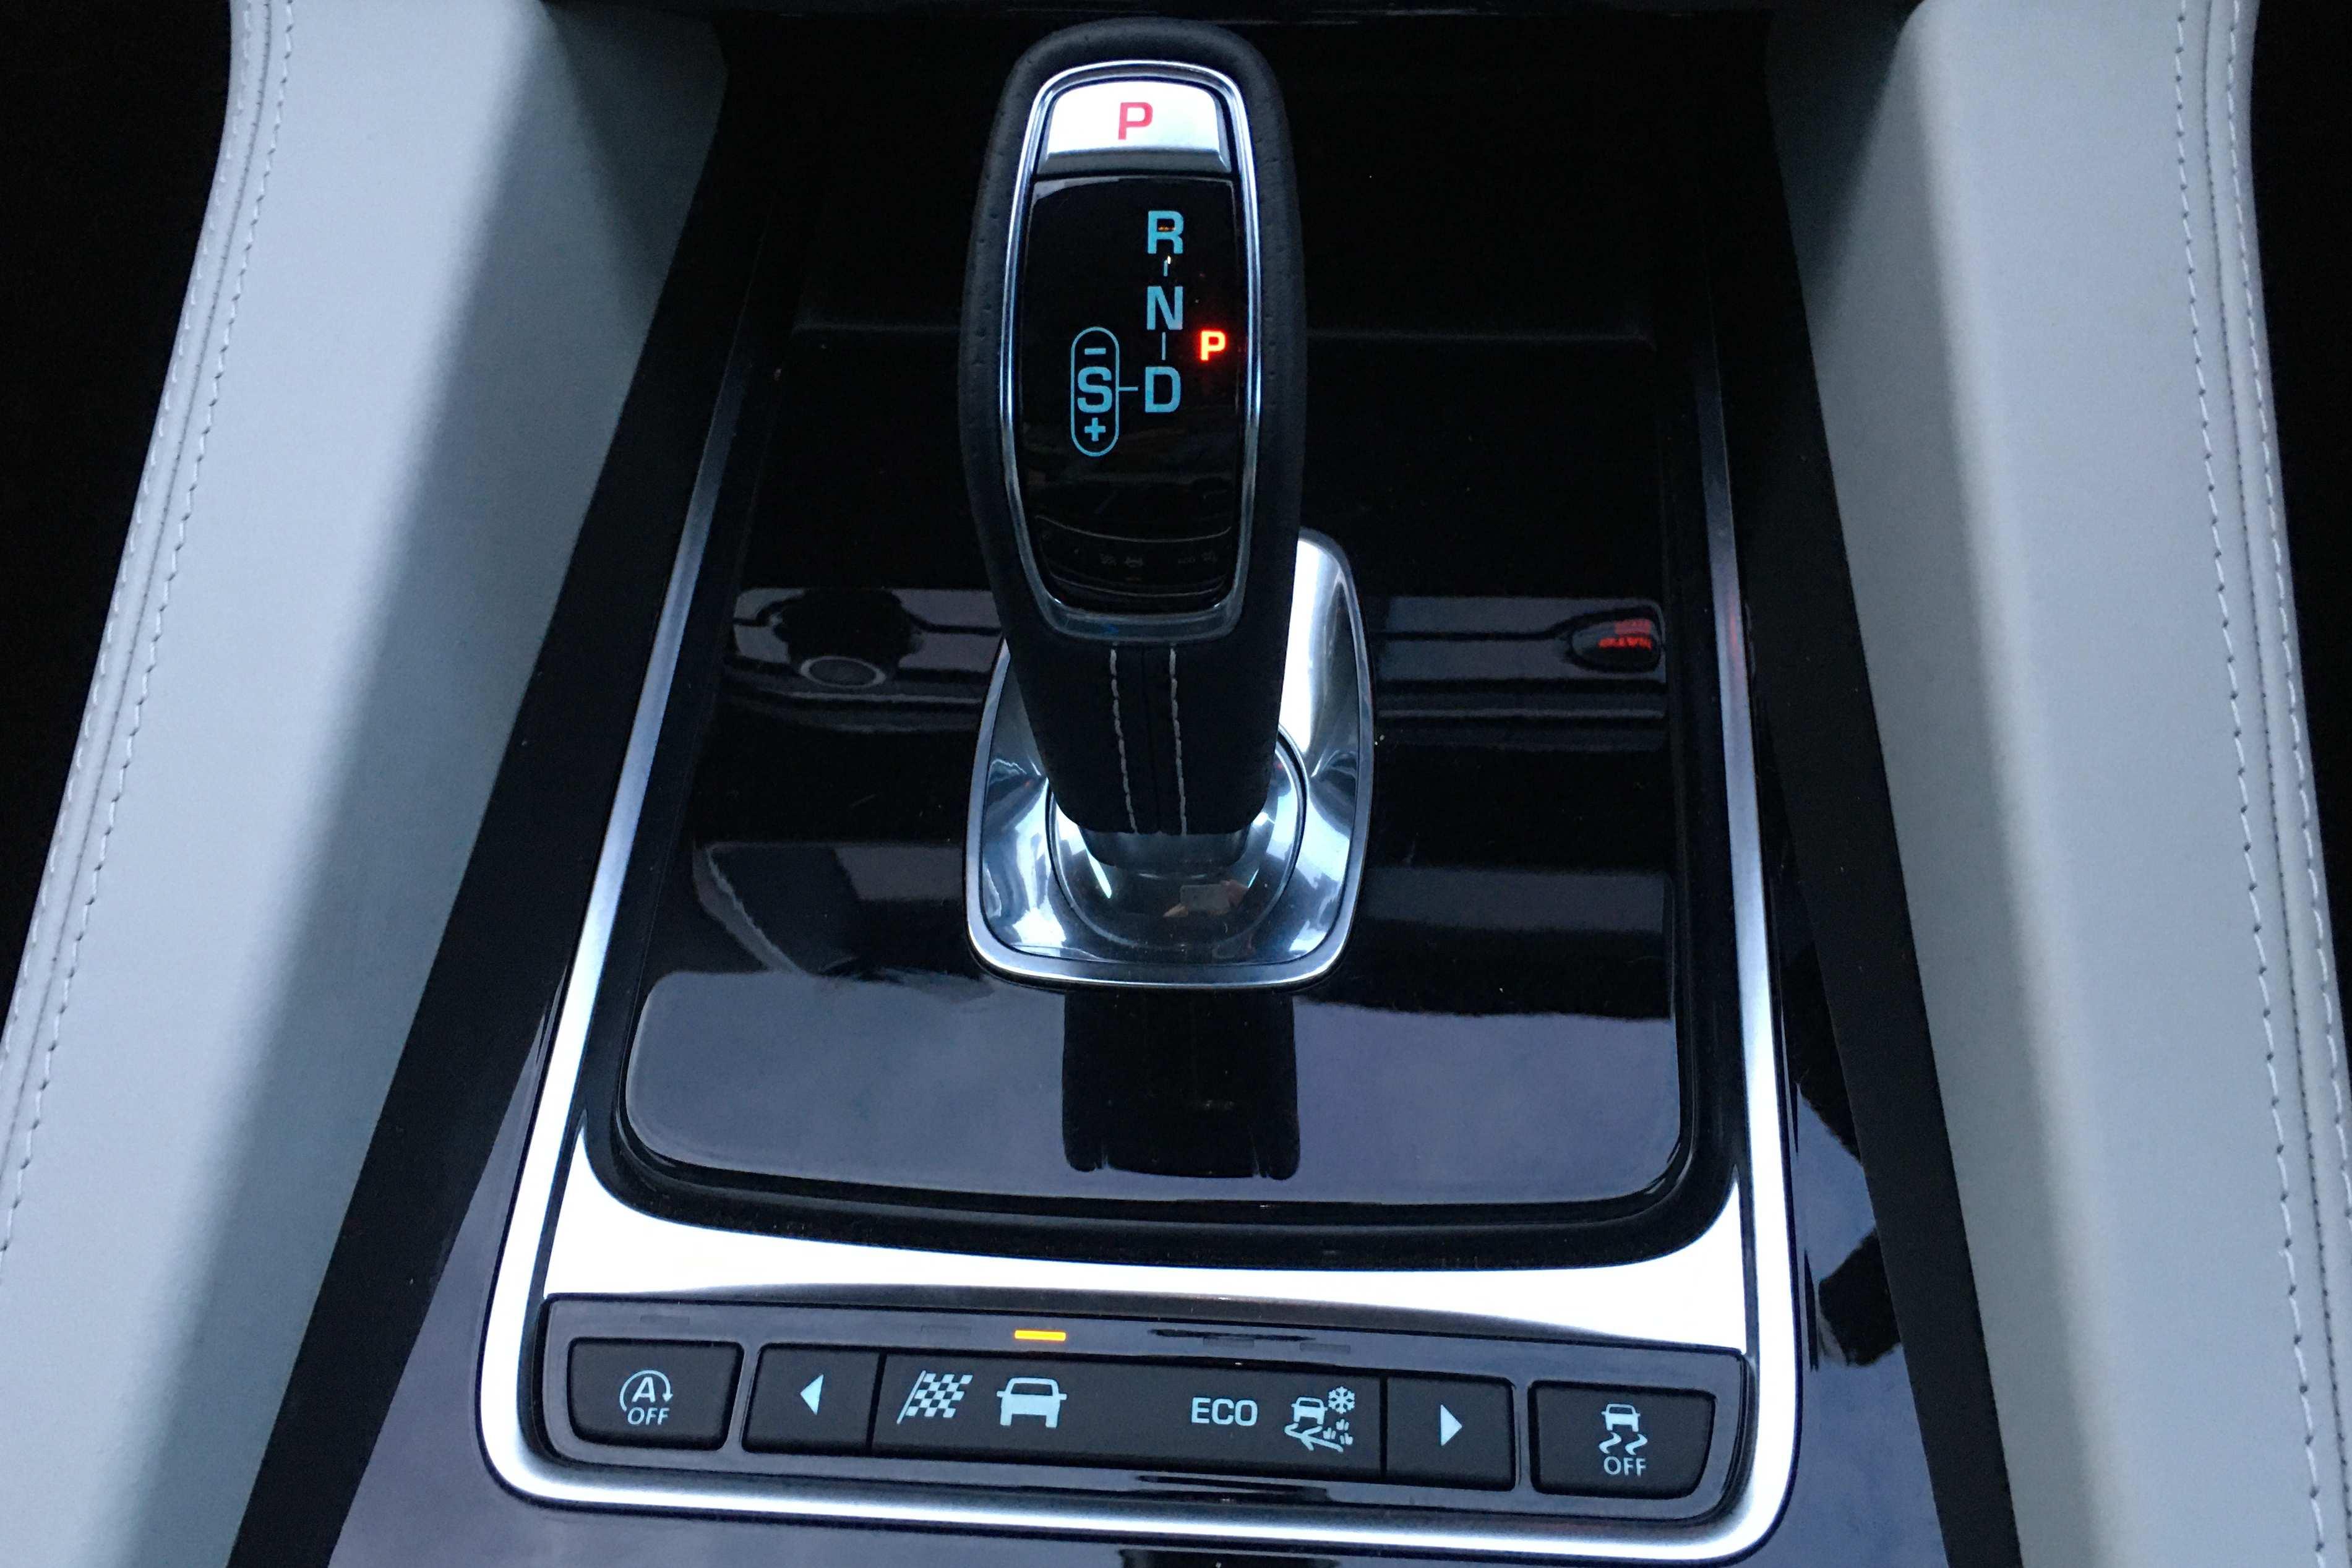 2020 Jaguar F-PACE SVR 13 transmission